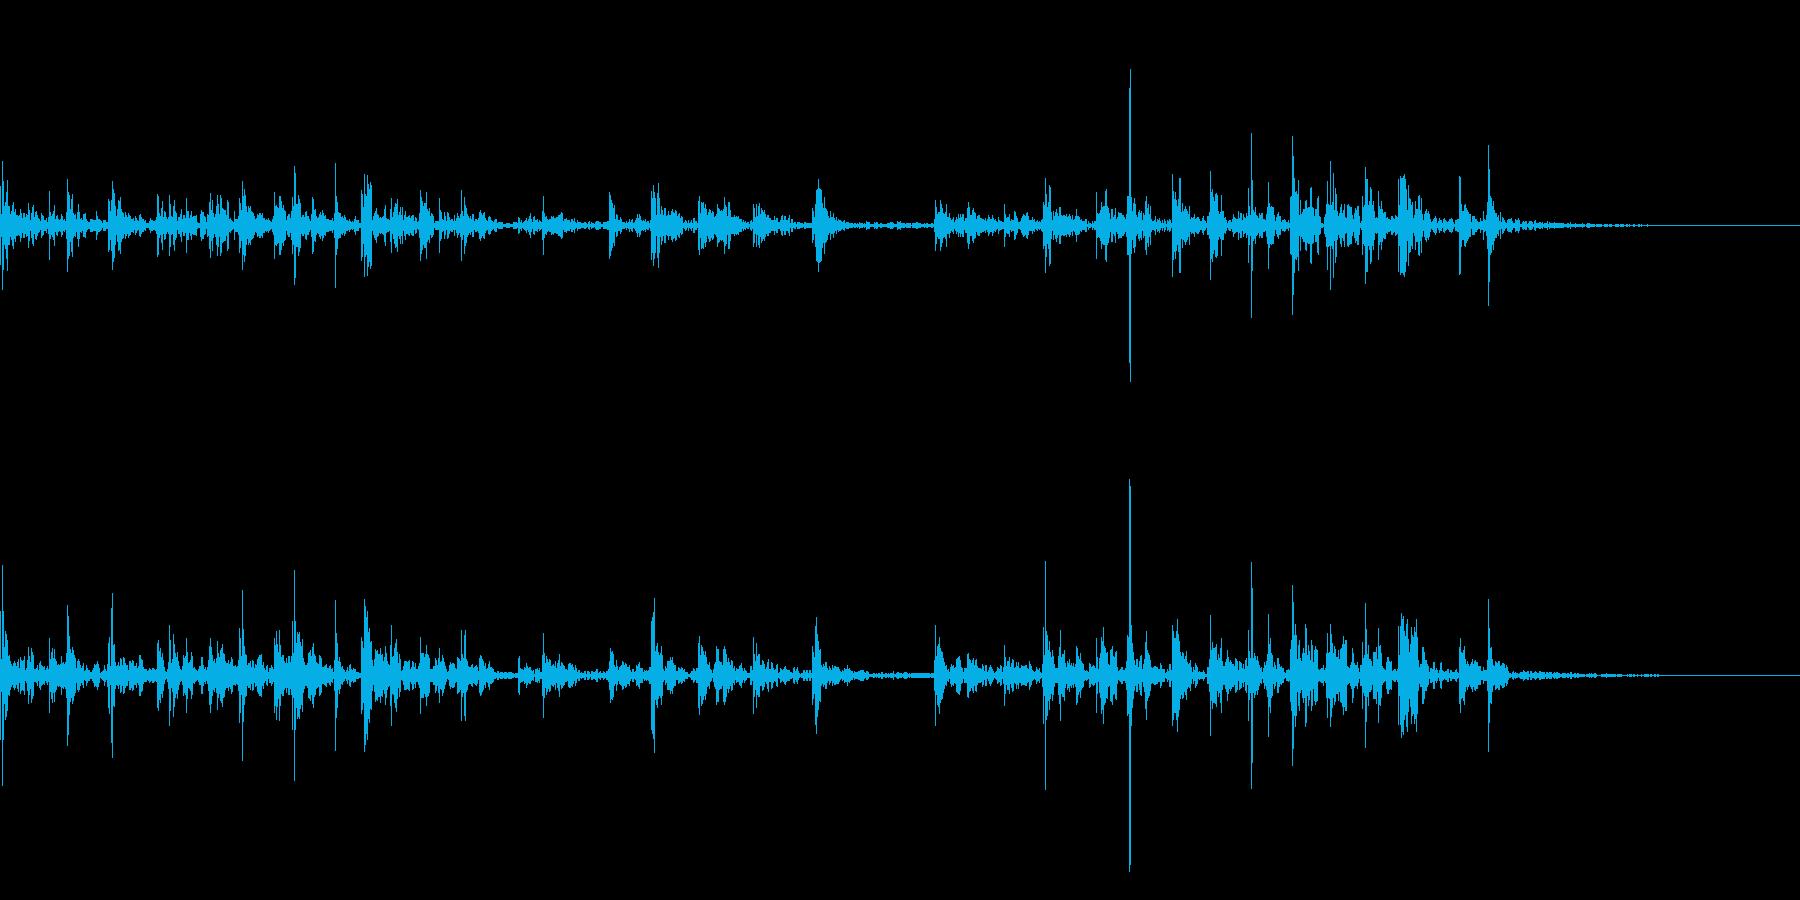 キーボードをタイピングするリアル効果音6の再生済みの波形